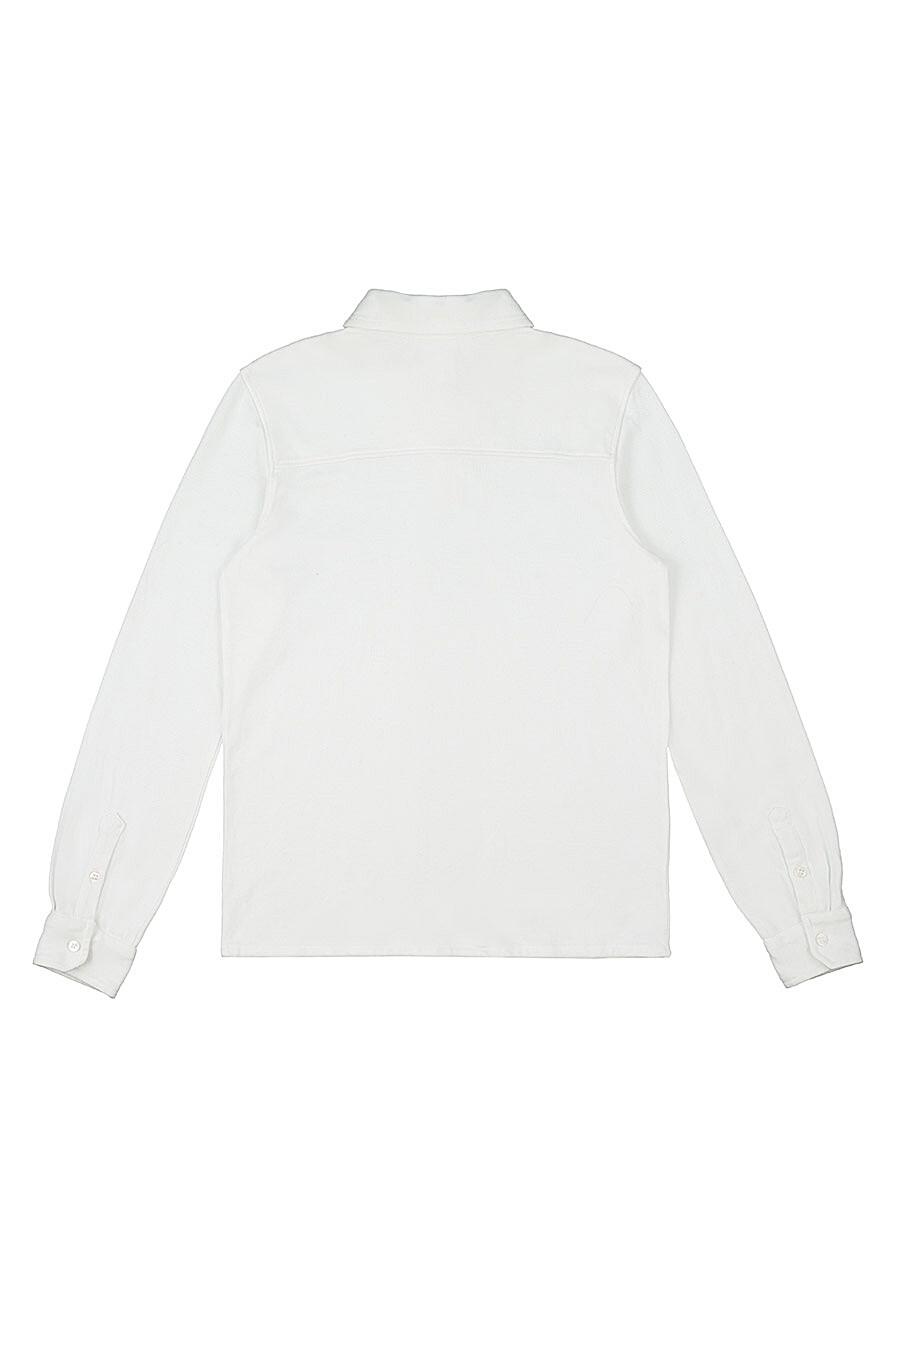 Рубашка для мальчиков IN FUNT 219036 купить оптом от производителя. Совместная покупка детской одежды в OptMoyo